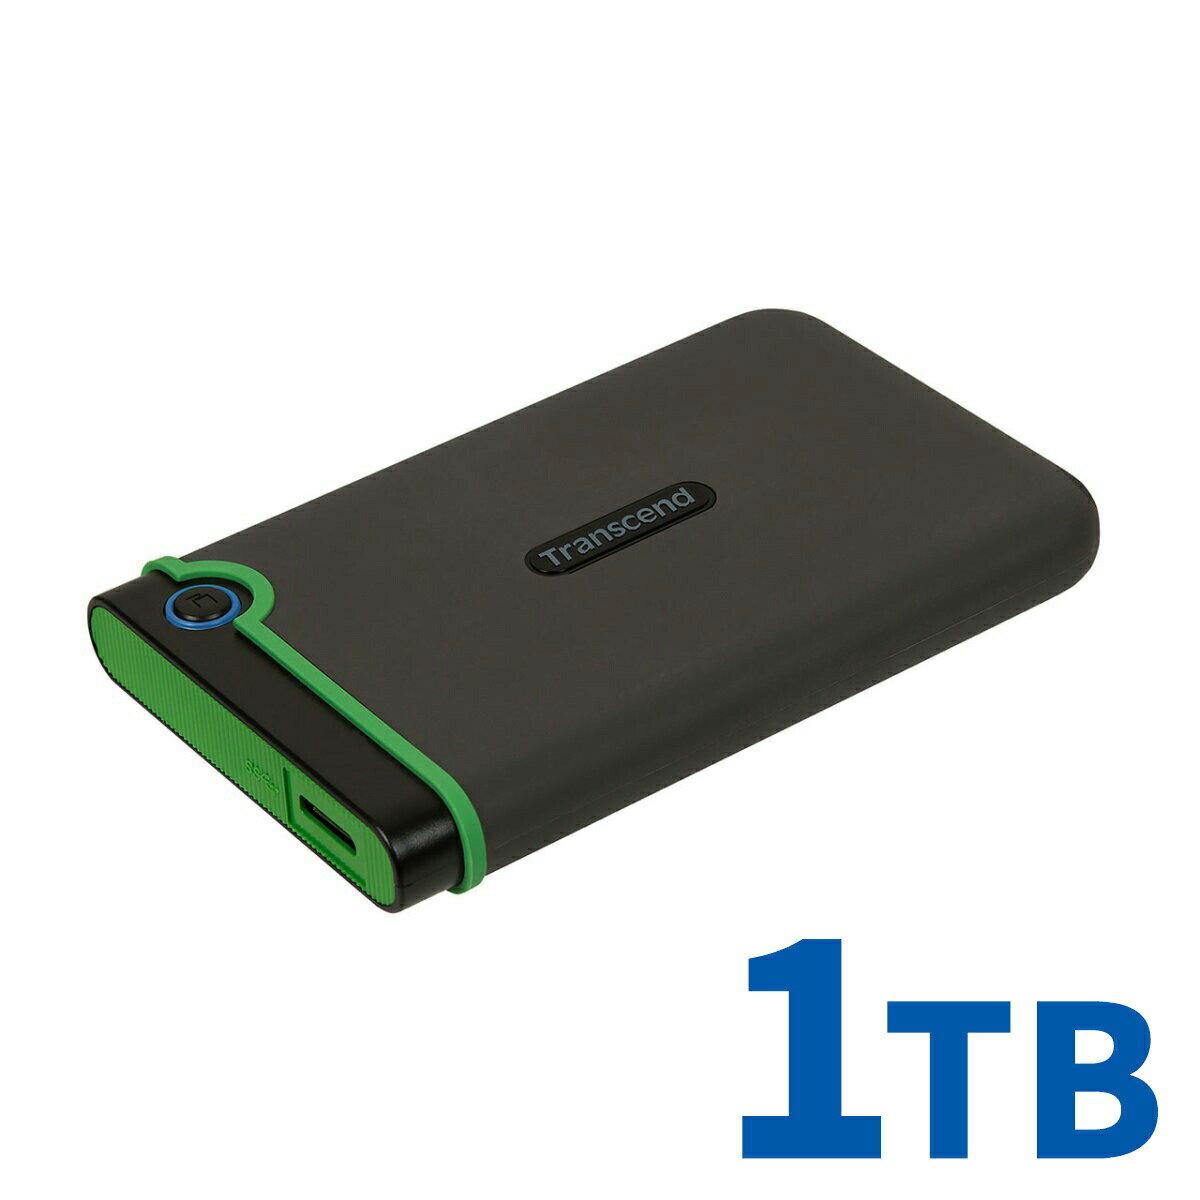 Transcend ポータブルHDD 1TB USB3.1 2.5インチ スリムポータブルHDD 耐衝撃 3年保証 ハードディスク 外付けHDD ポータブルハードディスク トランセンド StoreJet